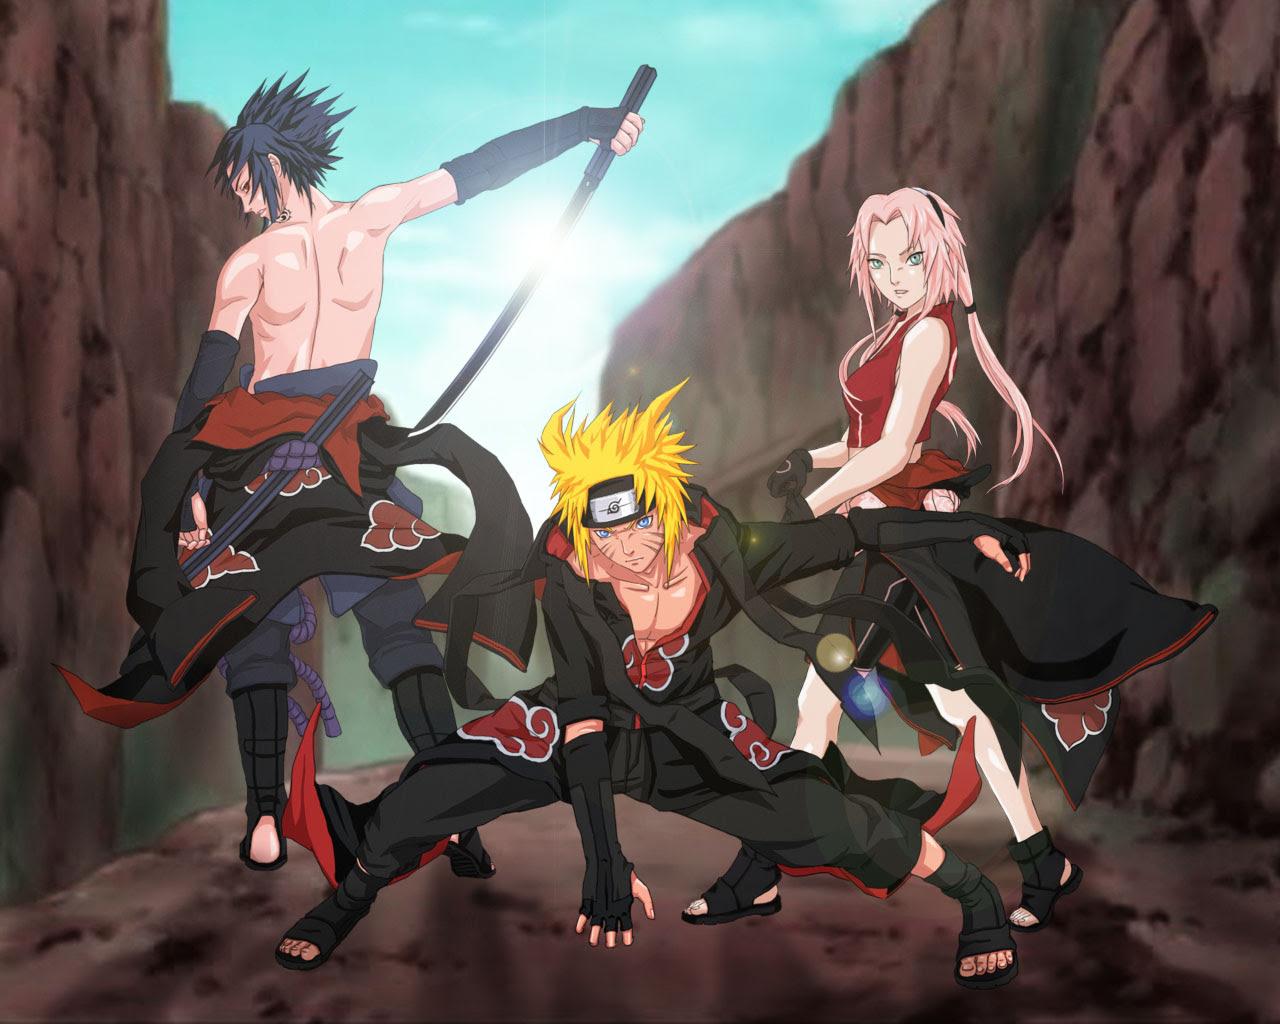 Sasuke Naruto And Sakura In Akatsuki Zekrom676 Wallpaper